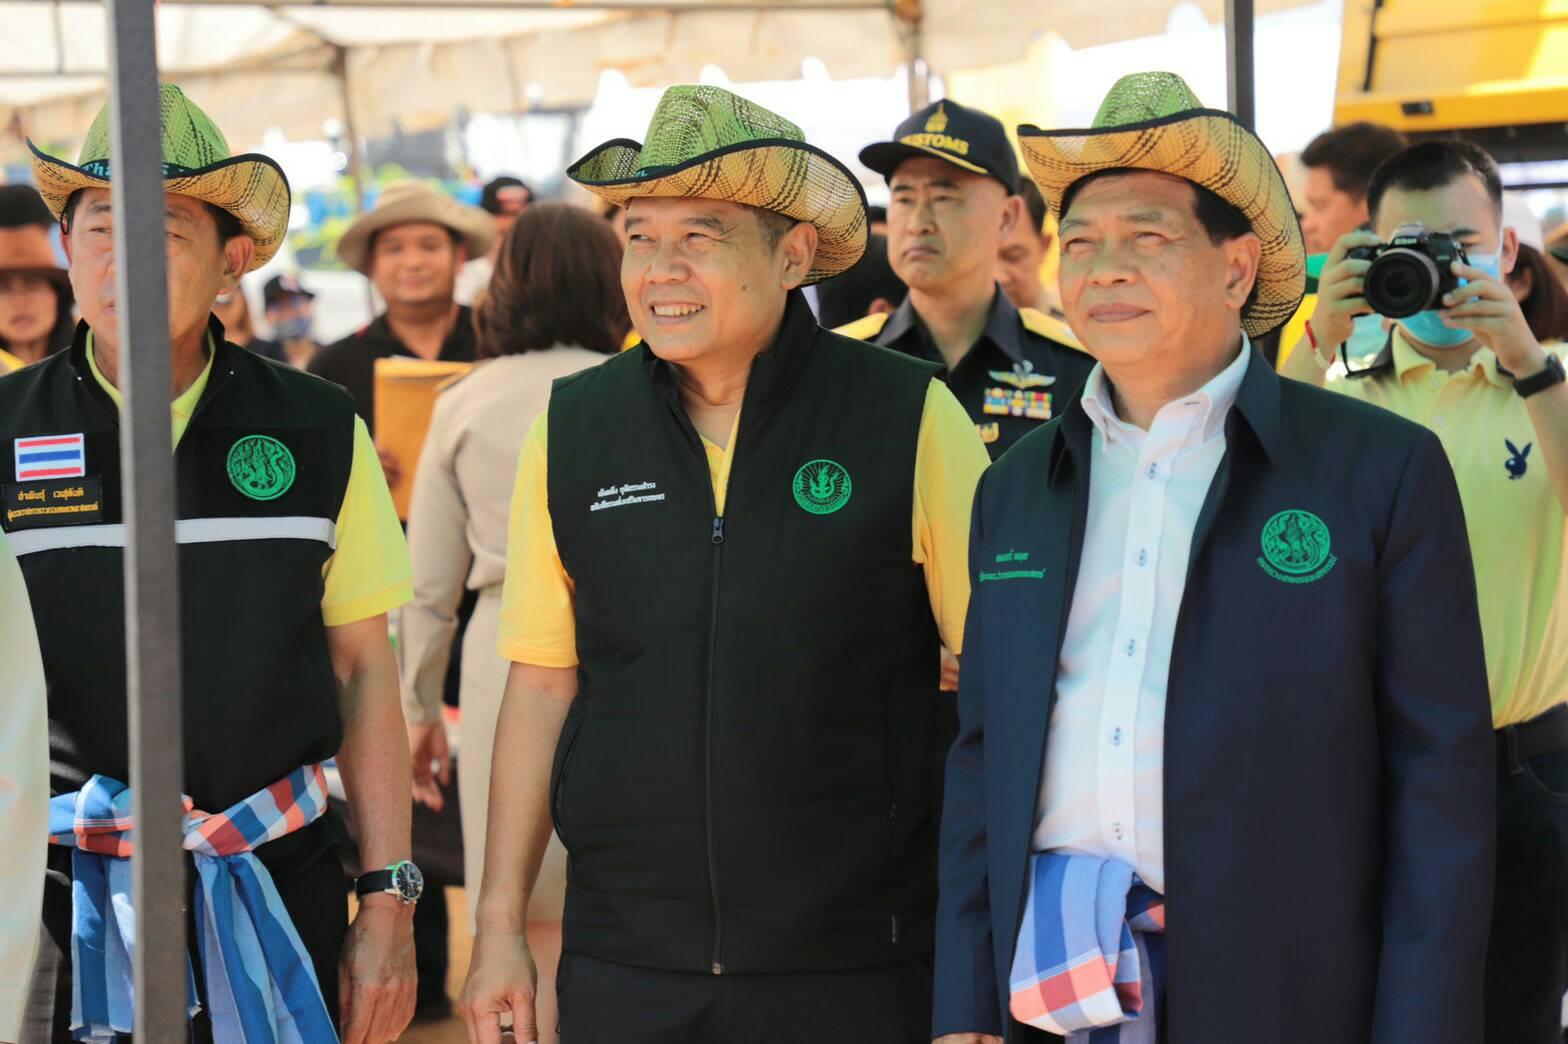 นายอลงกรณ์ พลบุตร (คนขวา) ที่ปรึกษารัฐมนตรีว่าการกระทรวงเกษตรและสหกรณ์